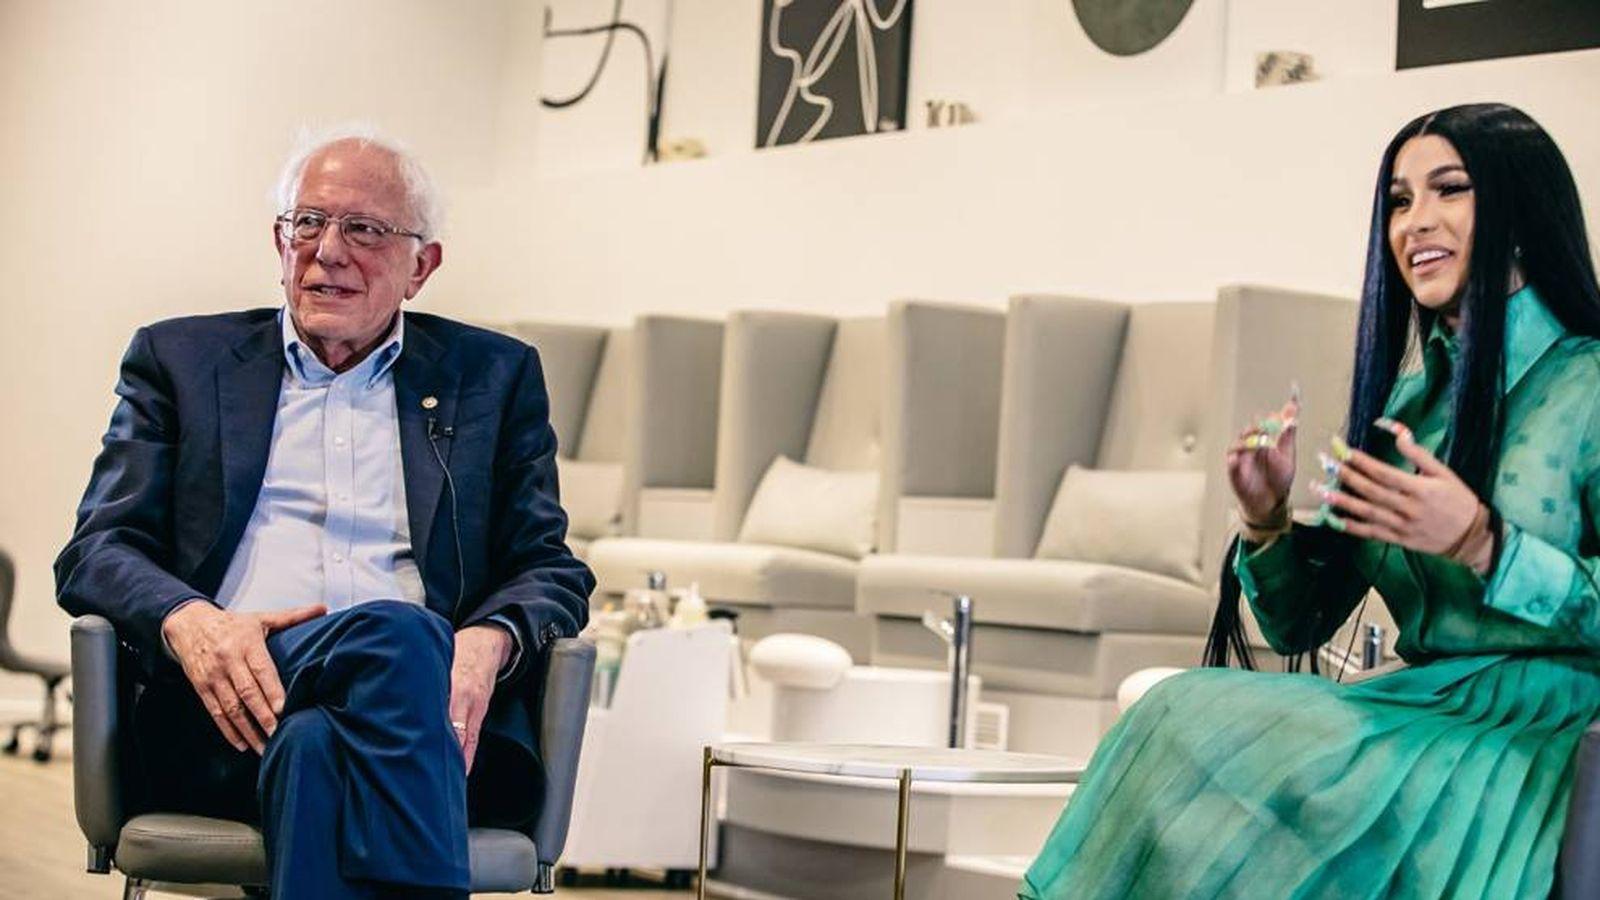 Foto: Bernie Sanders y Cardi B durante la grabación del vídeo. (Twitter: @BernieSanders)